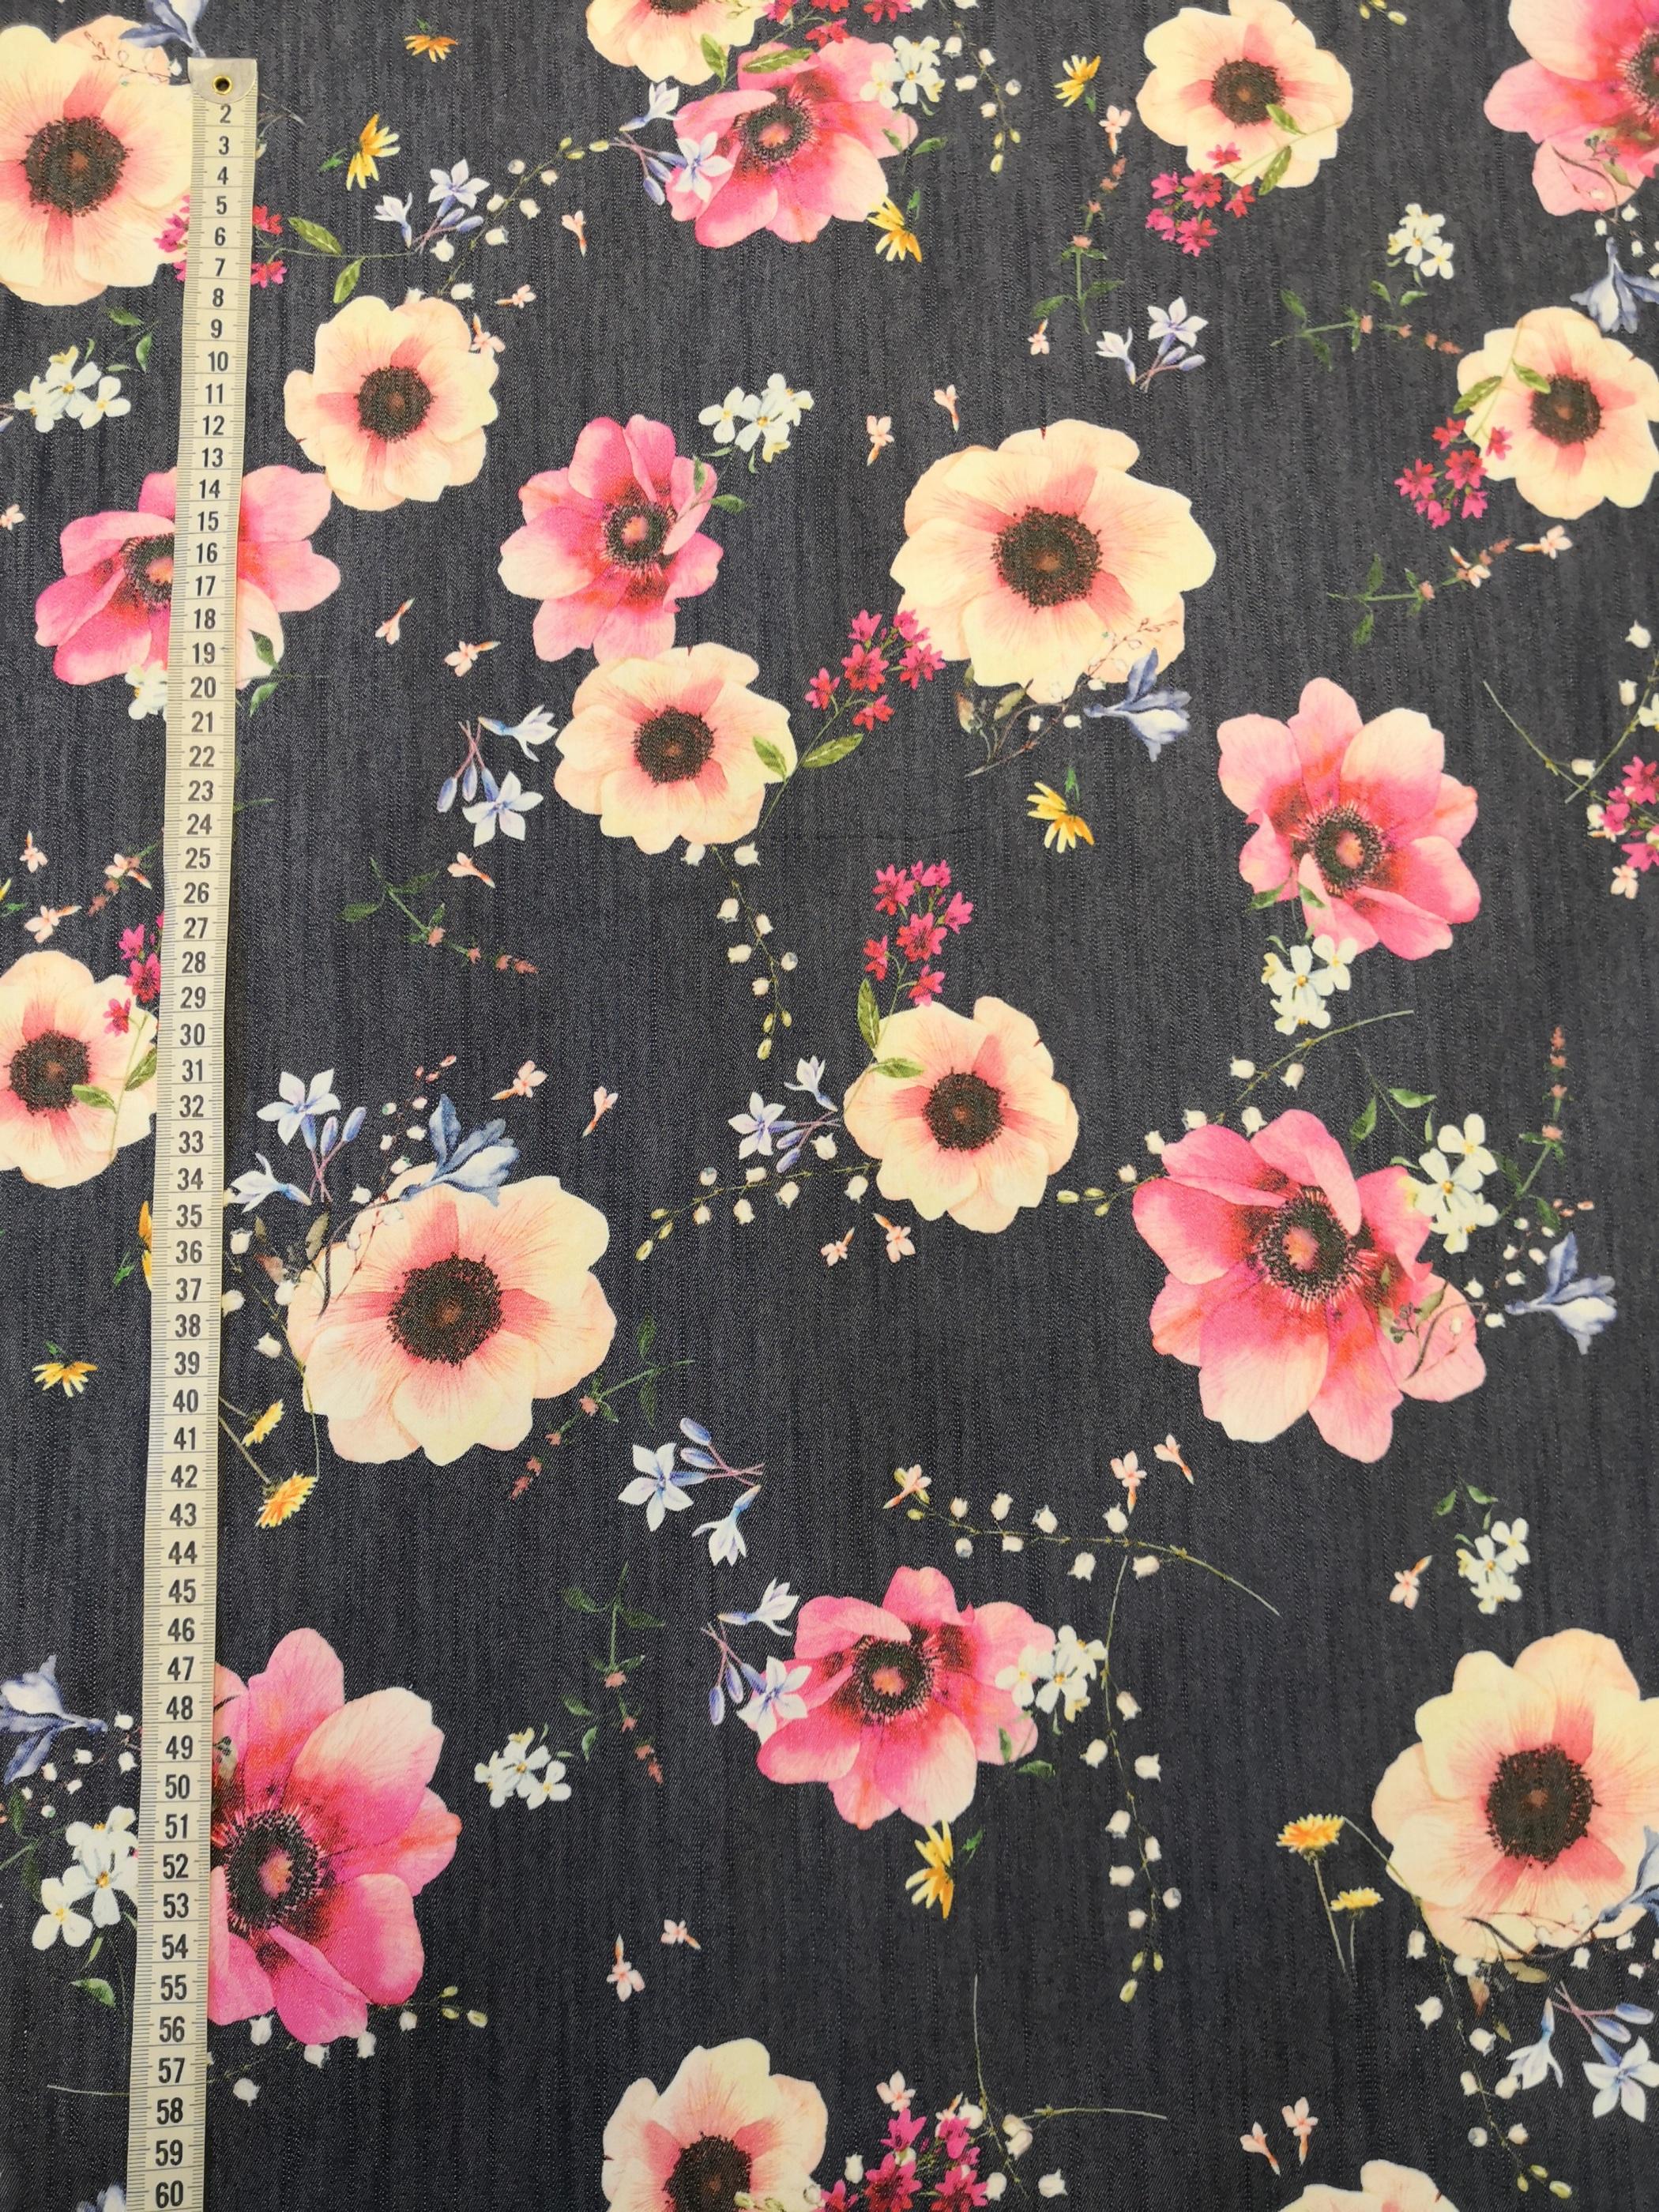 blommor på jeansbotten vy